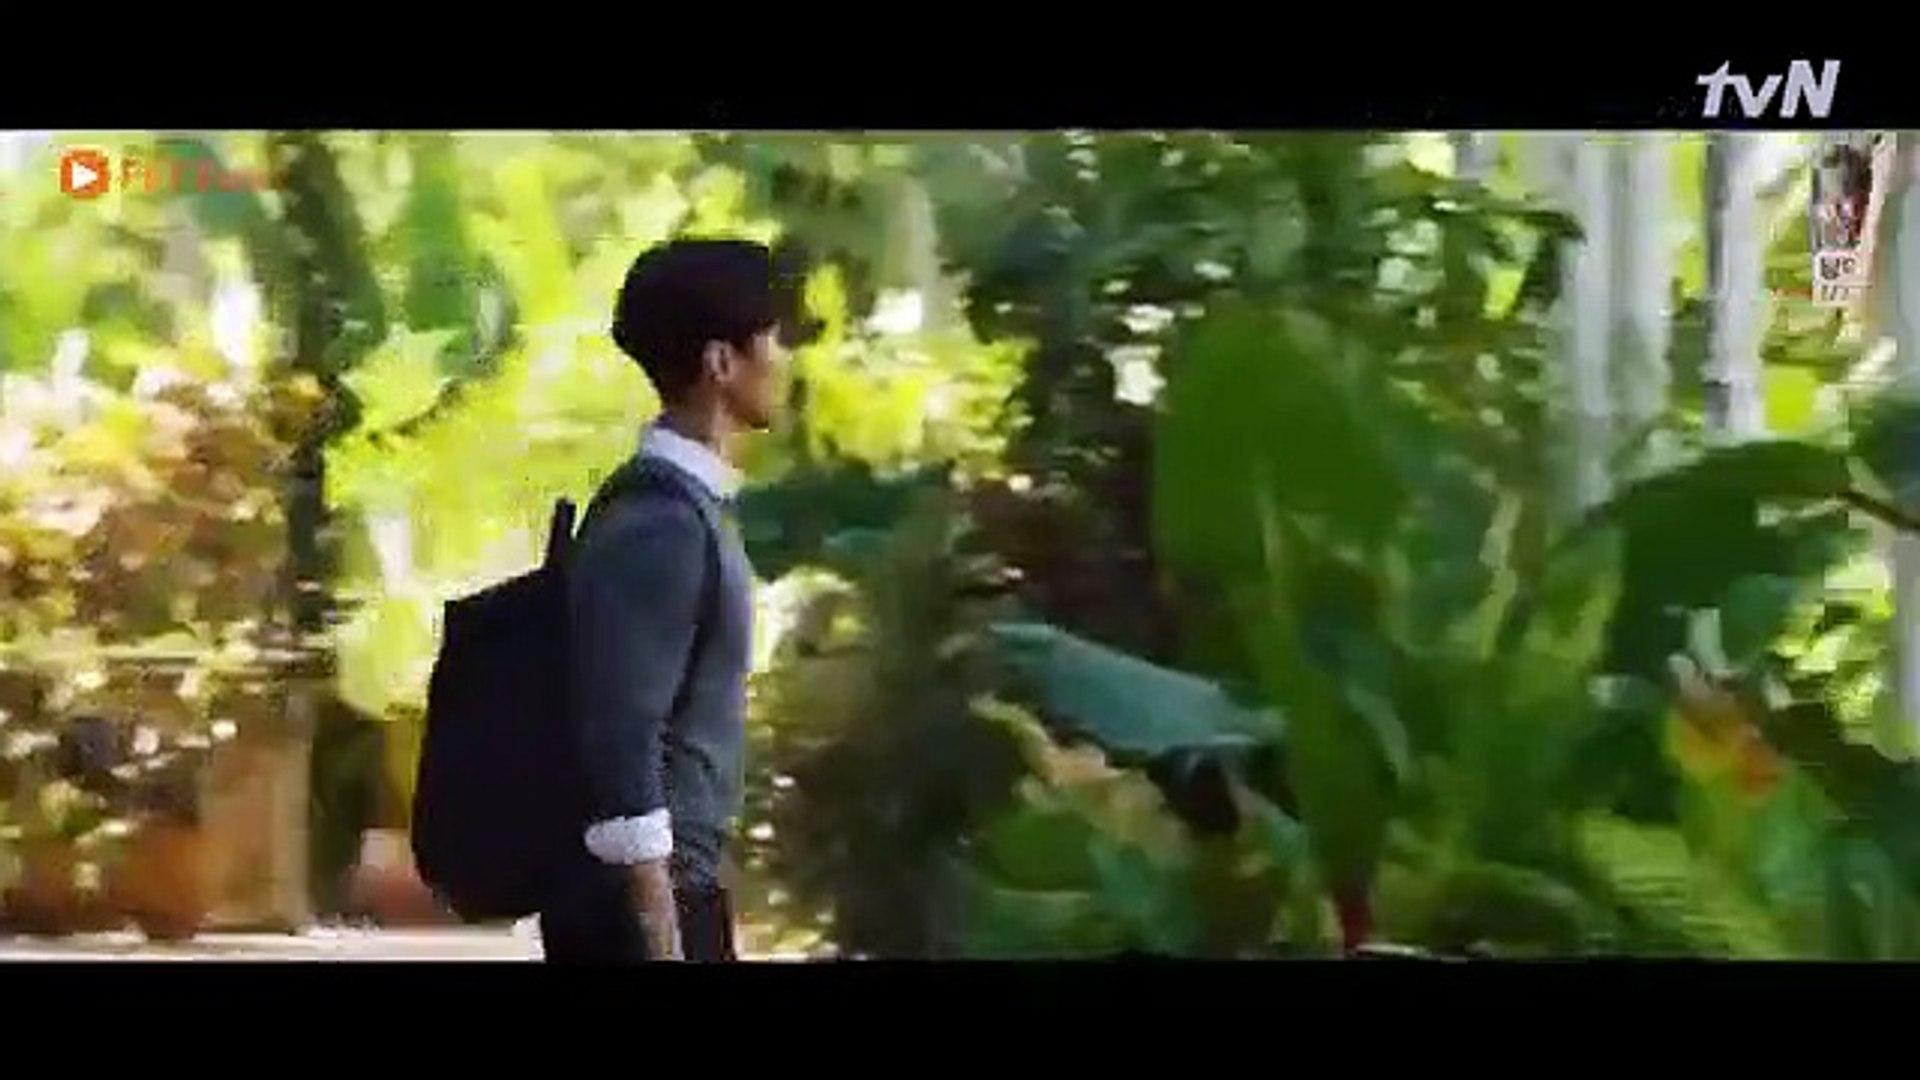 Bạn Trai Tập 16 - HTV2 Lồng Tiếng- Phim Hàn Quốc - Phim Ban Trai Tap 17 - Phim Ban Trai Tap 16